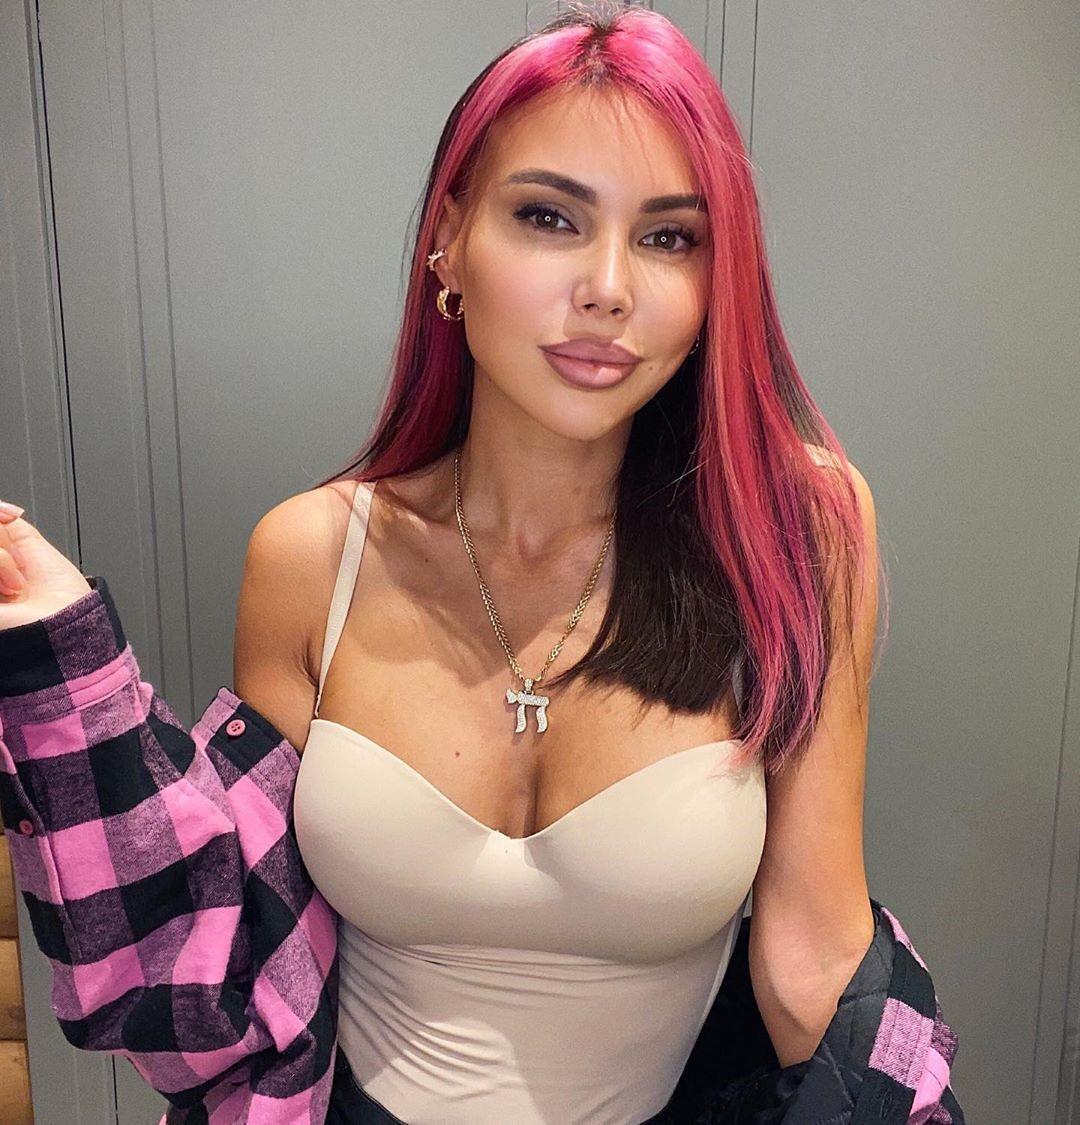 «Беру от жизни всё»: Оксана Самойлова покрасила волосы в розовый цвет – реакция дочерей и поклонников